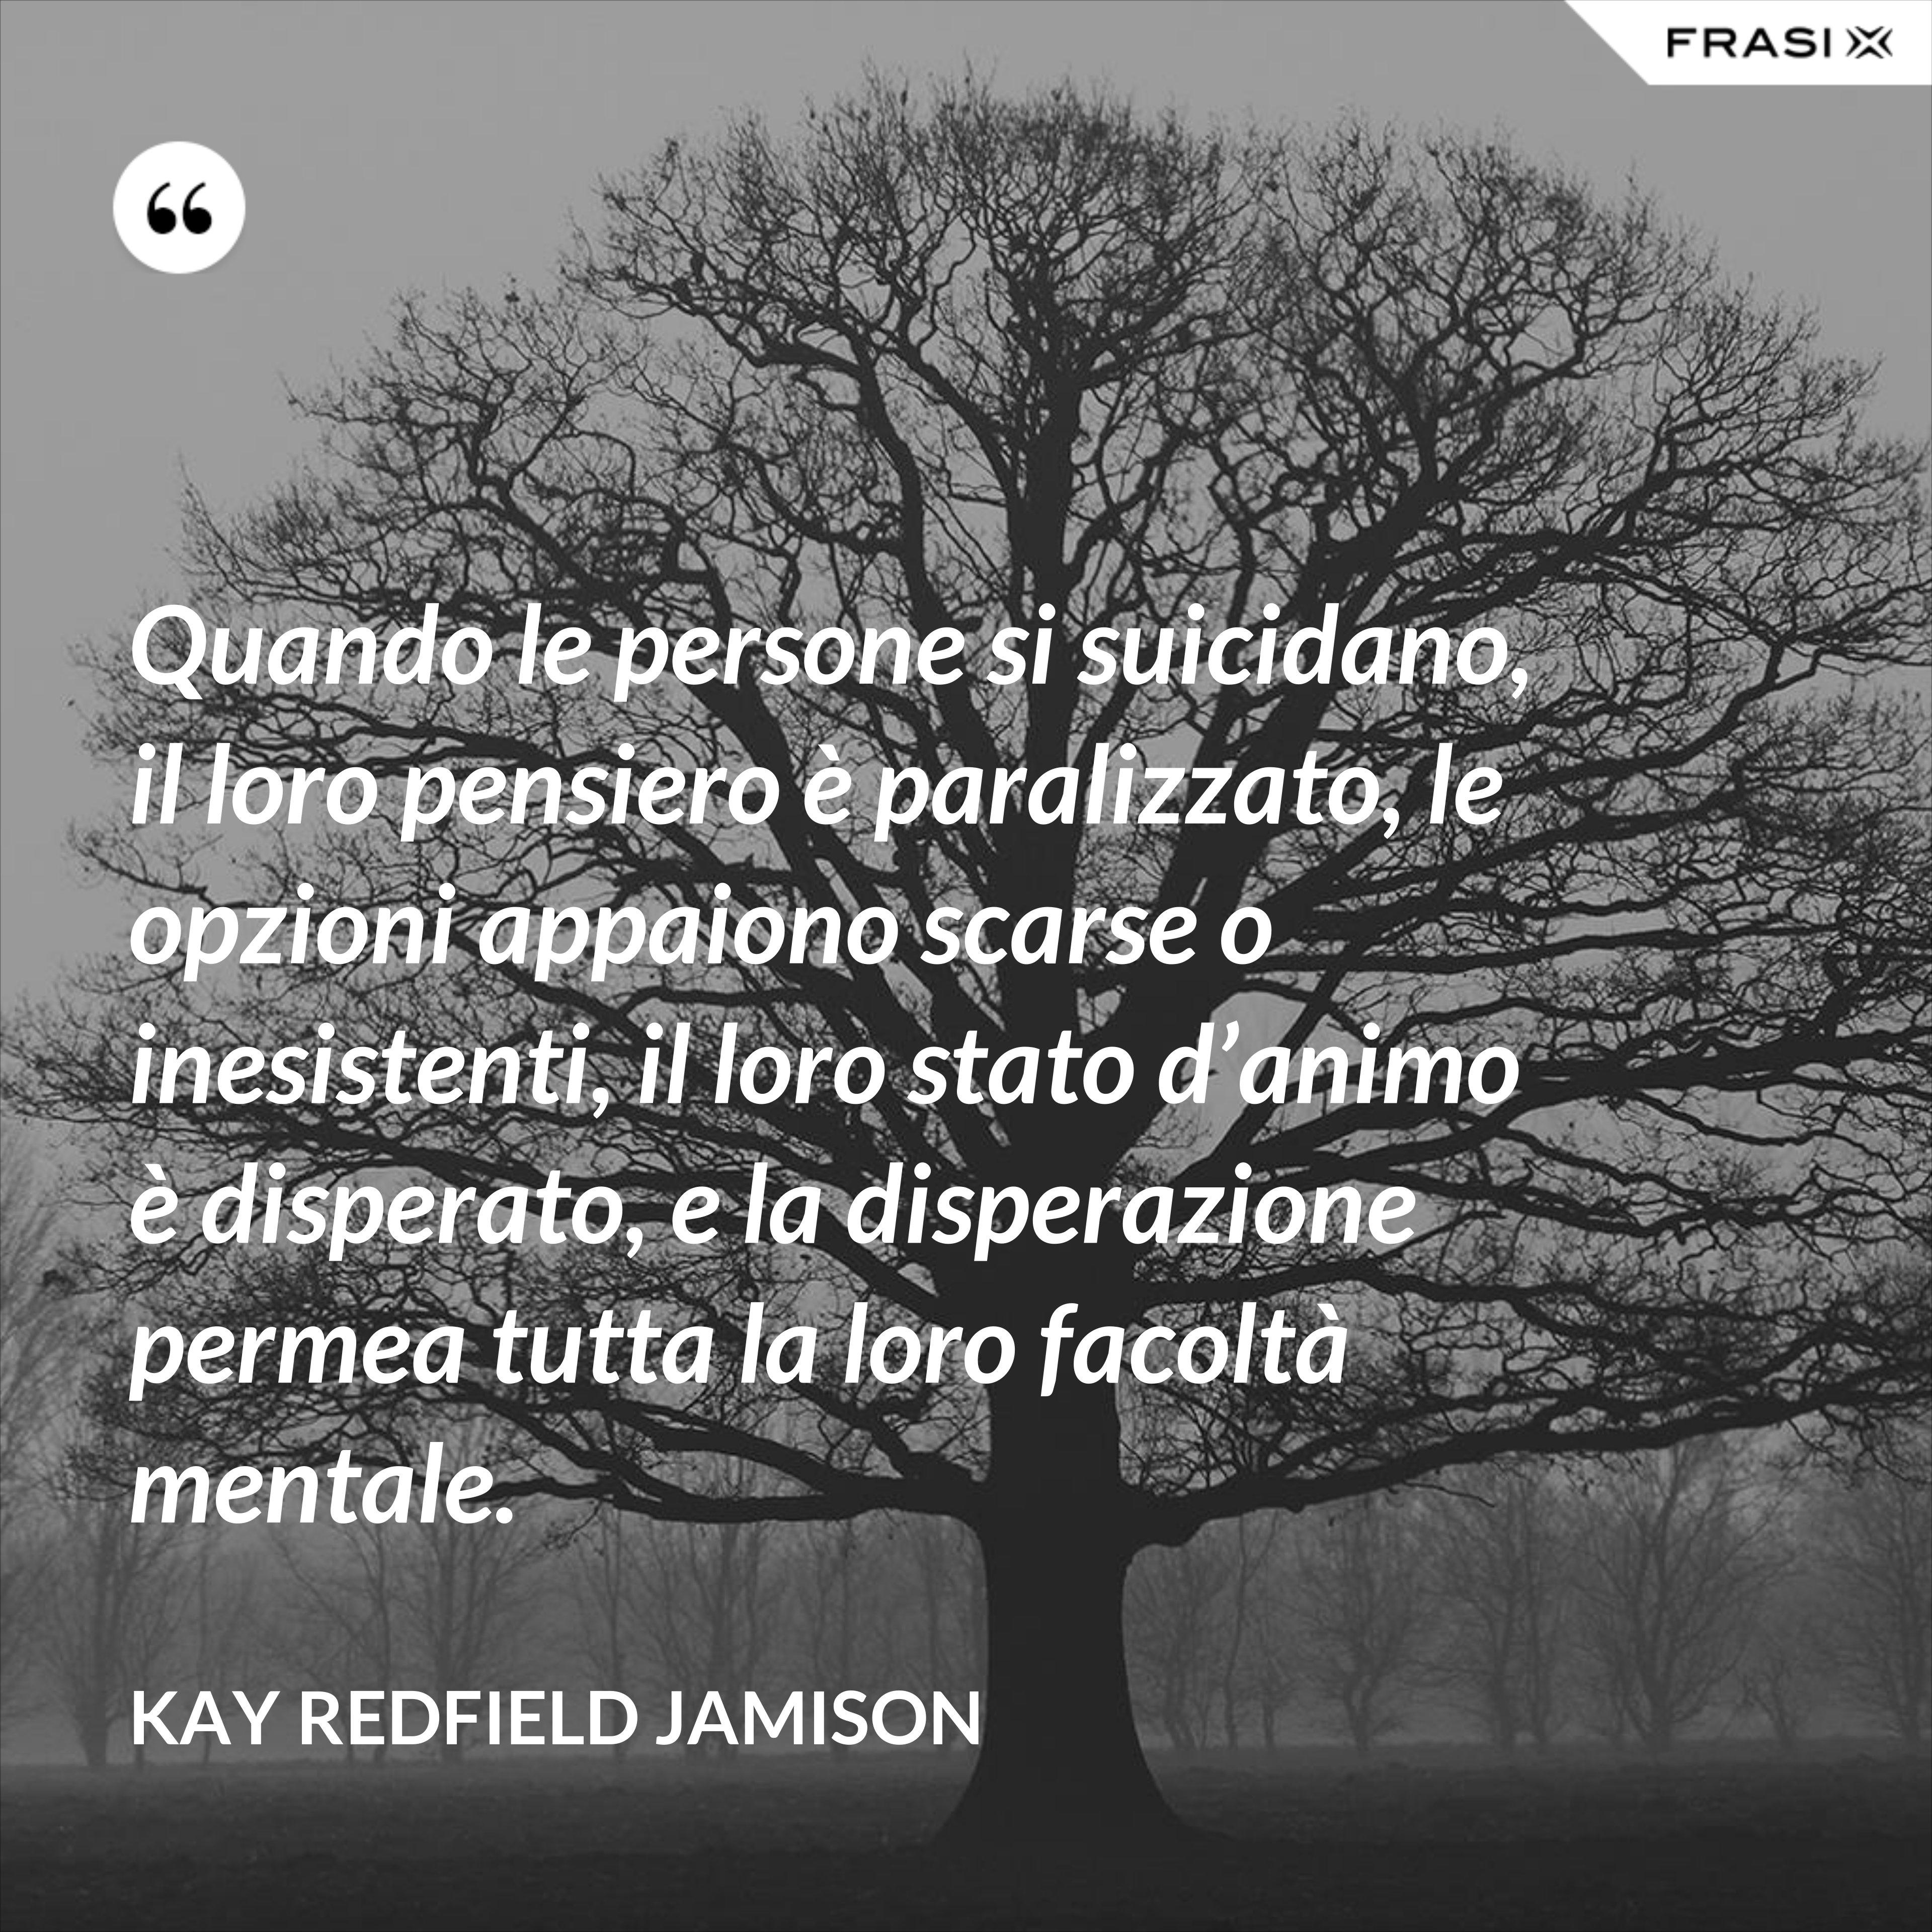 Quando le persone si suicidano, il loro pensiero è paralizzato, le opzioni appaiono scarse o inesistenti, il loro stato d'animo è disperato, e la disperazione permea tutta la loro facoltà mentale. - Kay Redfield Jamison